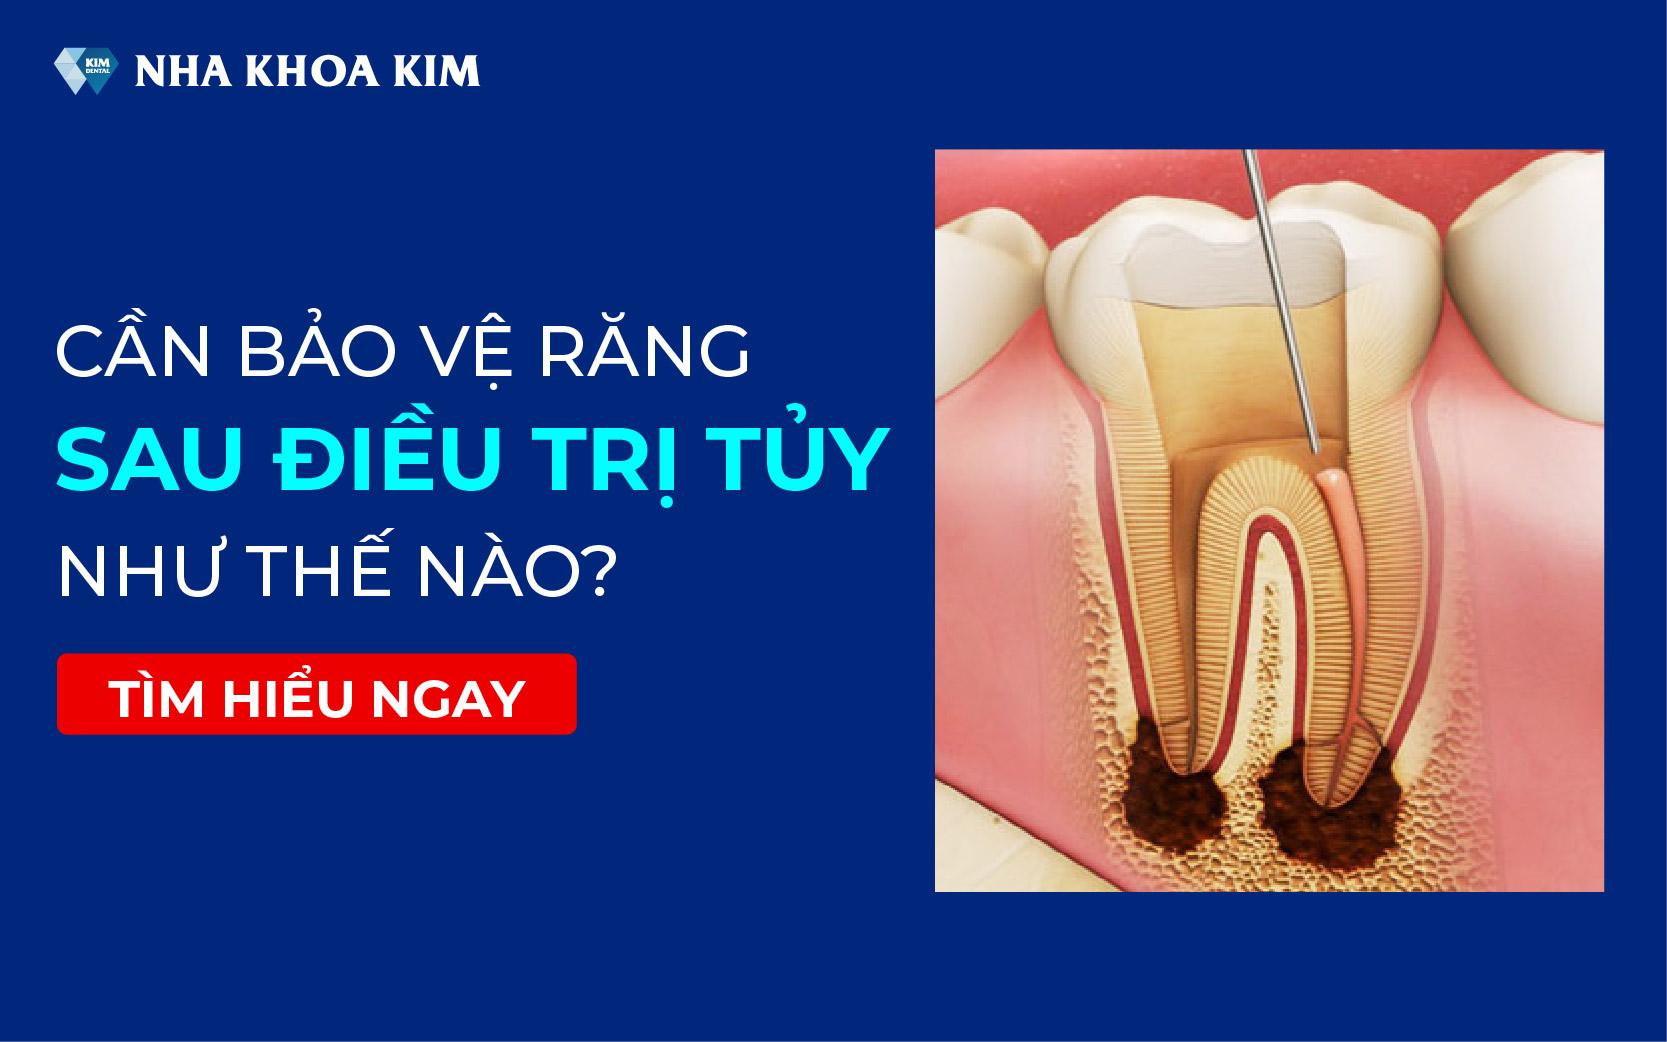 Cần bảo vệ răng sau điều trị tủy như thế nào?